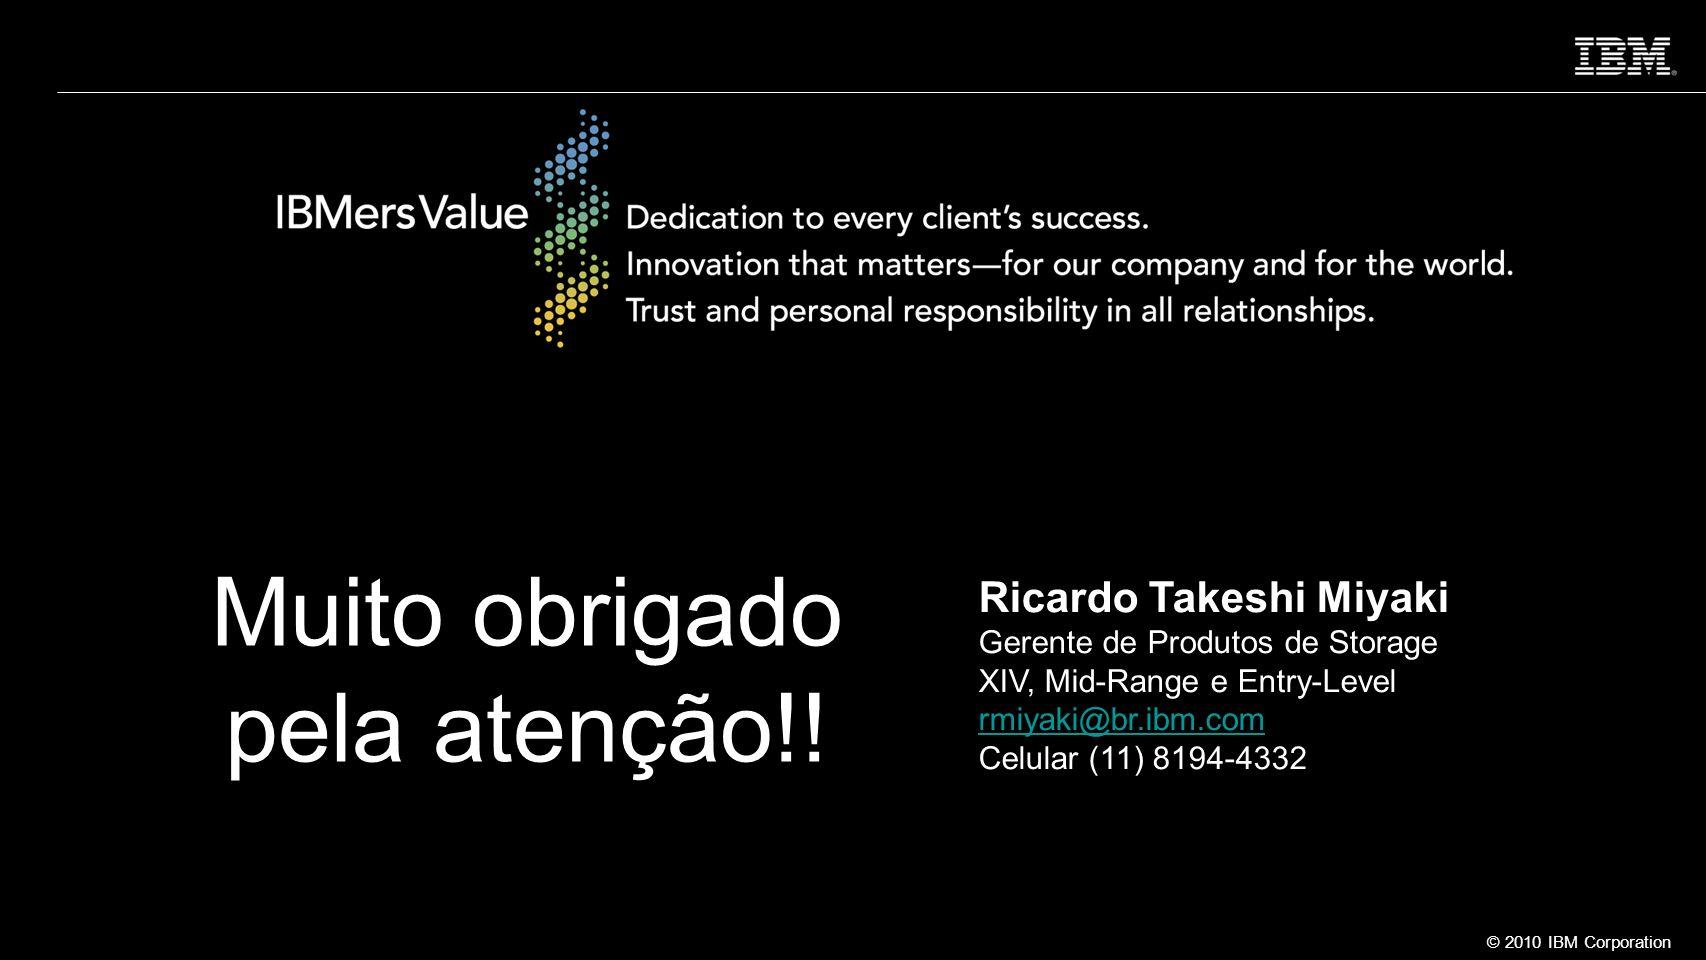 © 2010 IBM Corporation Muito obrigado pela atenção!! Ricardo Takeshi Miyaki Gerente de Produtos de Storage XIV, Mid-Range e Entry-Level rmiyaki@br.ibm